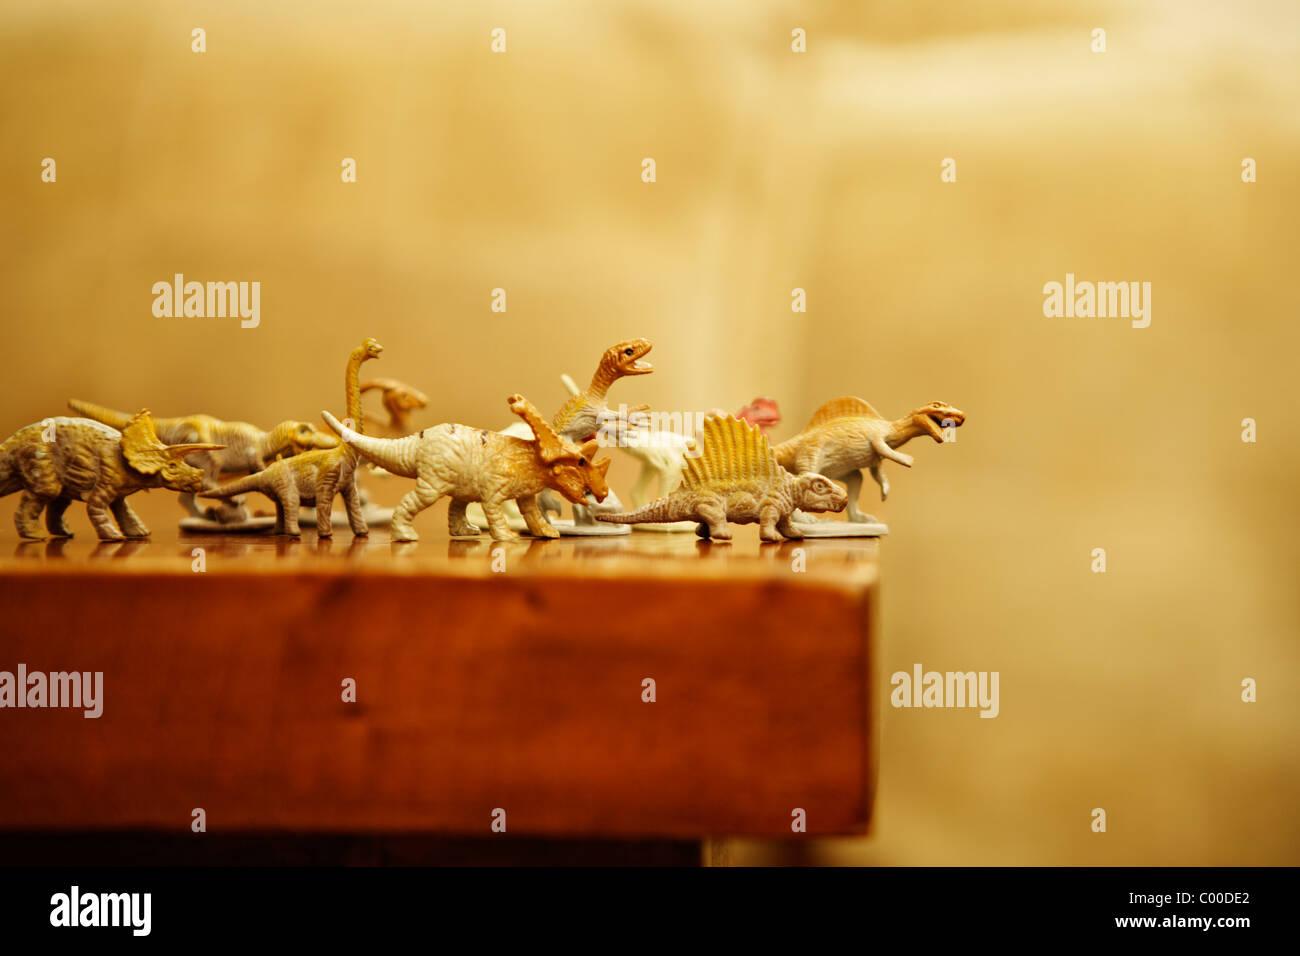 Dinosaurios de juguete rush el borde de corte de la tabla Imagen De Stock